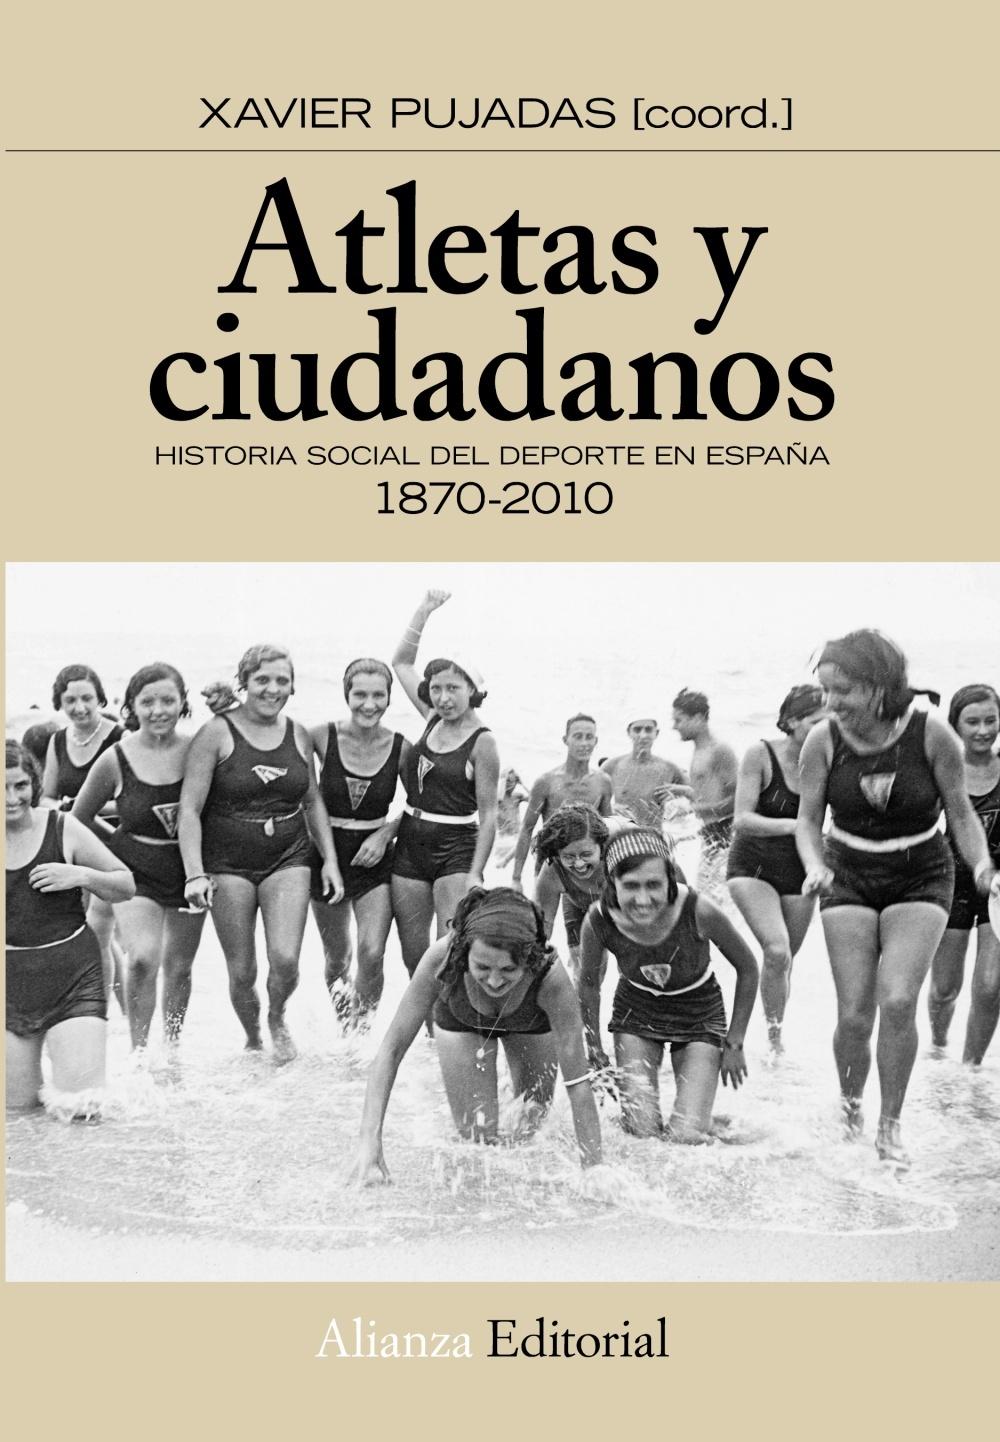 ATLETAS Y CIUDADANOS. HISTORIA SOCIAL DEL DEPORTE EN ESPAÑA: 1870-2010